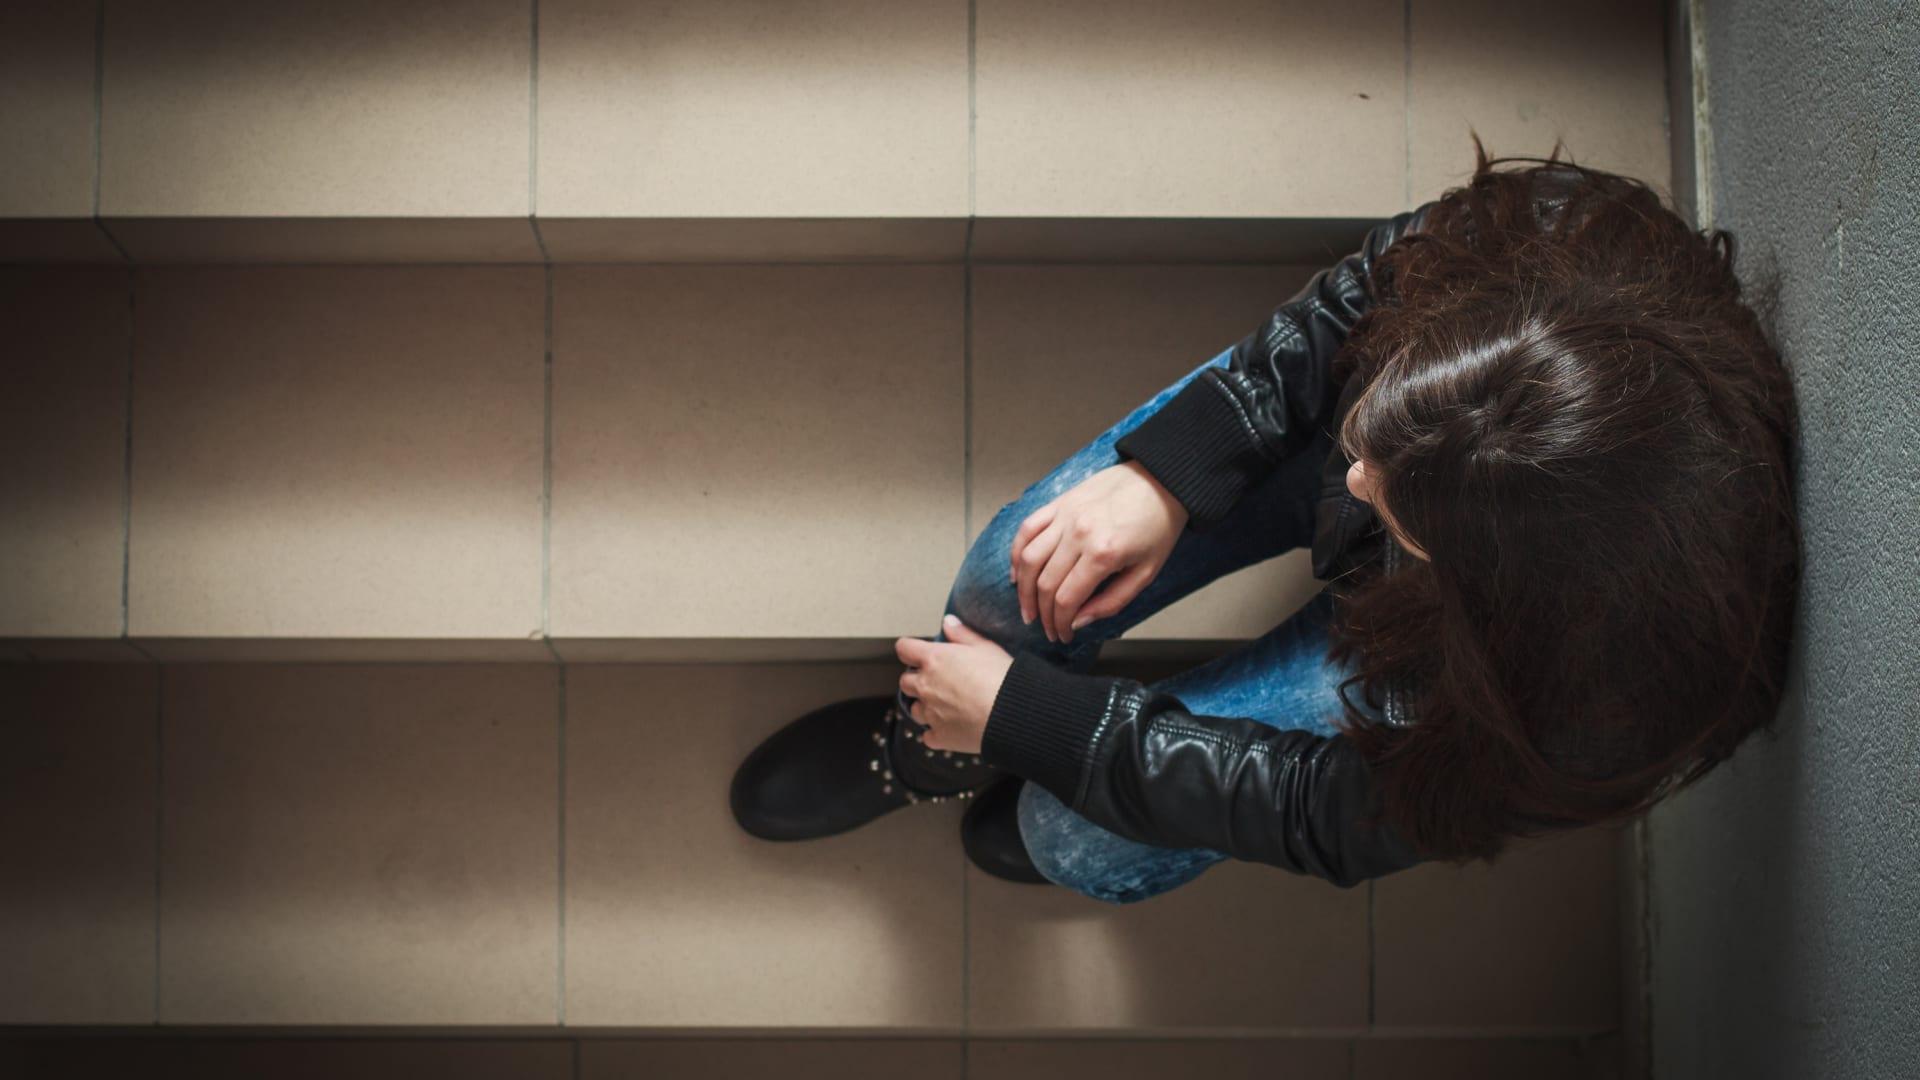 دراسة: مشاكل نفسية طويلة الأمد قد تصيب المتعافين من فيروس كورونا